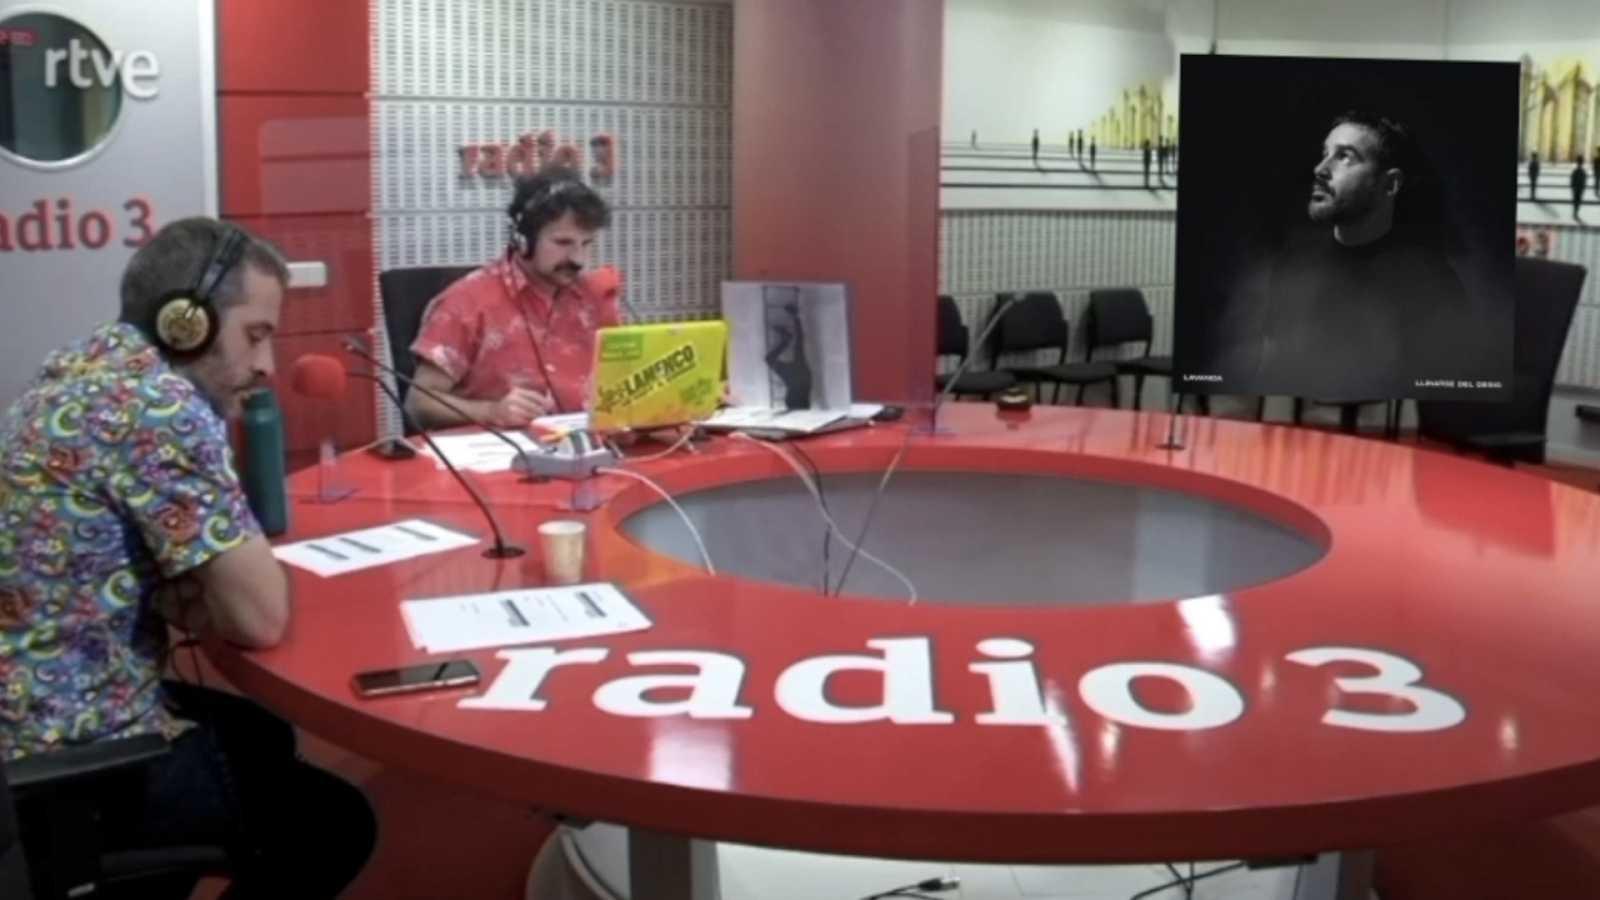 Hoy empieza todo con Ángel Carmona - Ciencia Catacroquer, Cinecutre y Lavanda - 22/01/21 - escuchar ahora